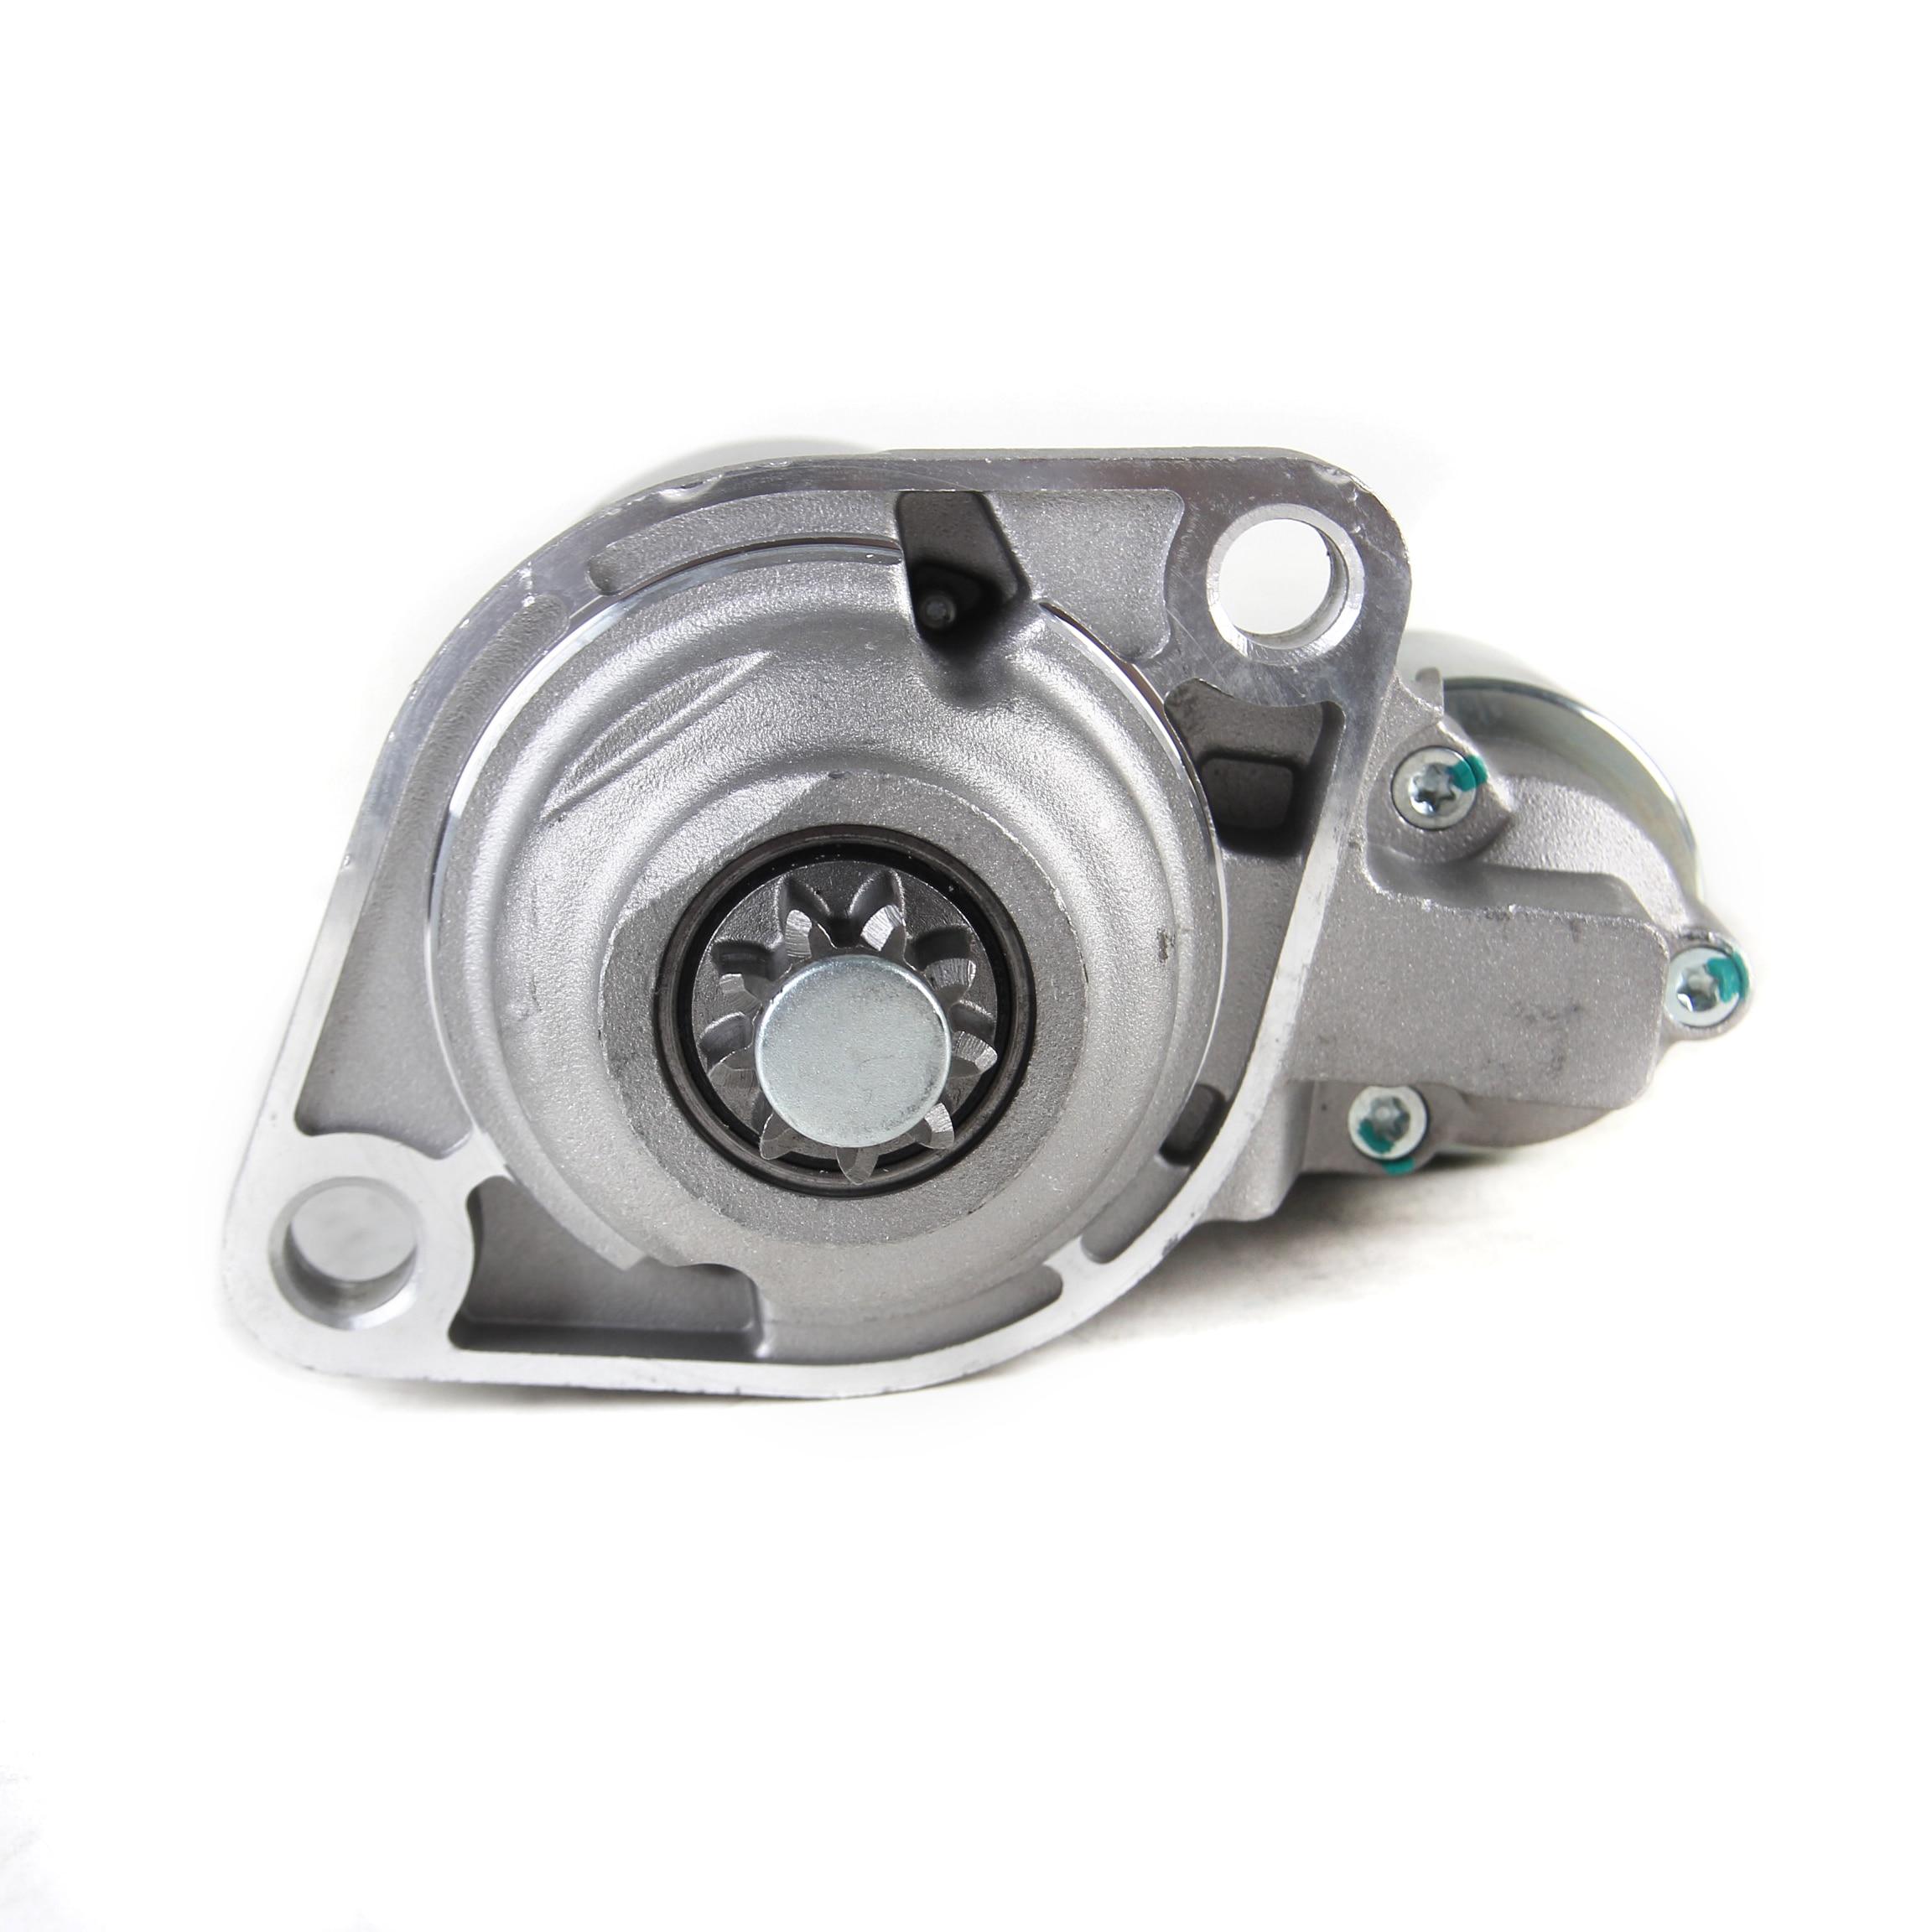 محرك بدء الإشعال الداخلي ، 2.5L 2.7L 3.2L ، مناسب لبورش 986 ، بوكستر ، 1997-2004 ، 98660410400